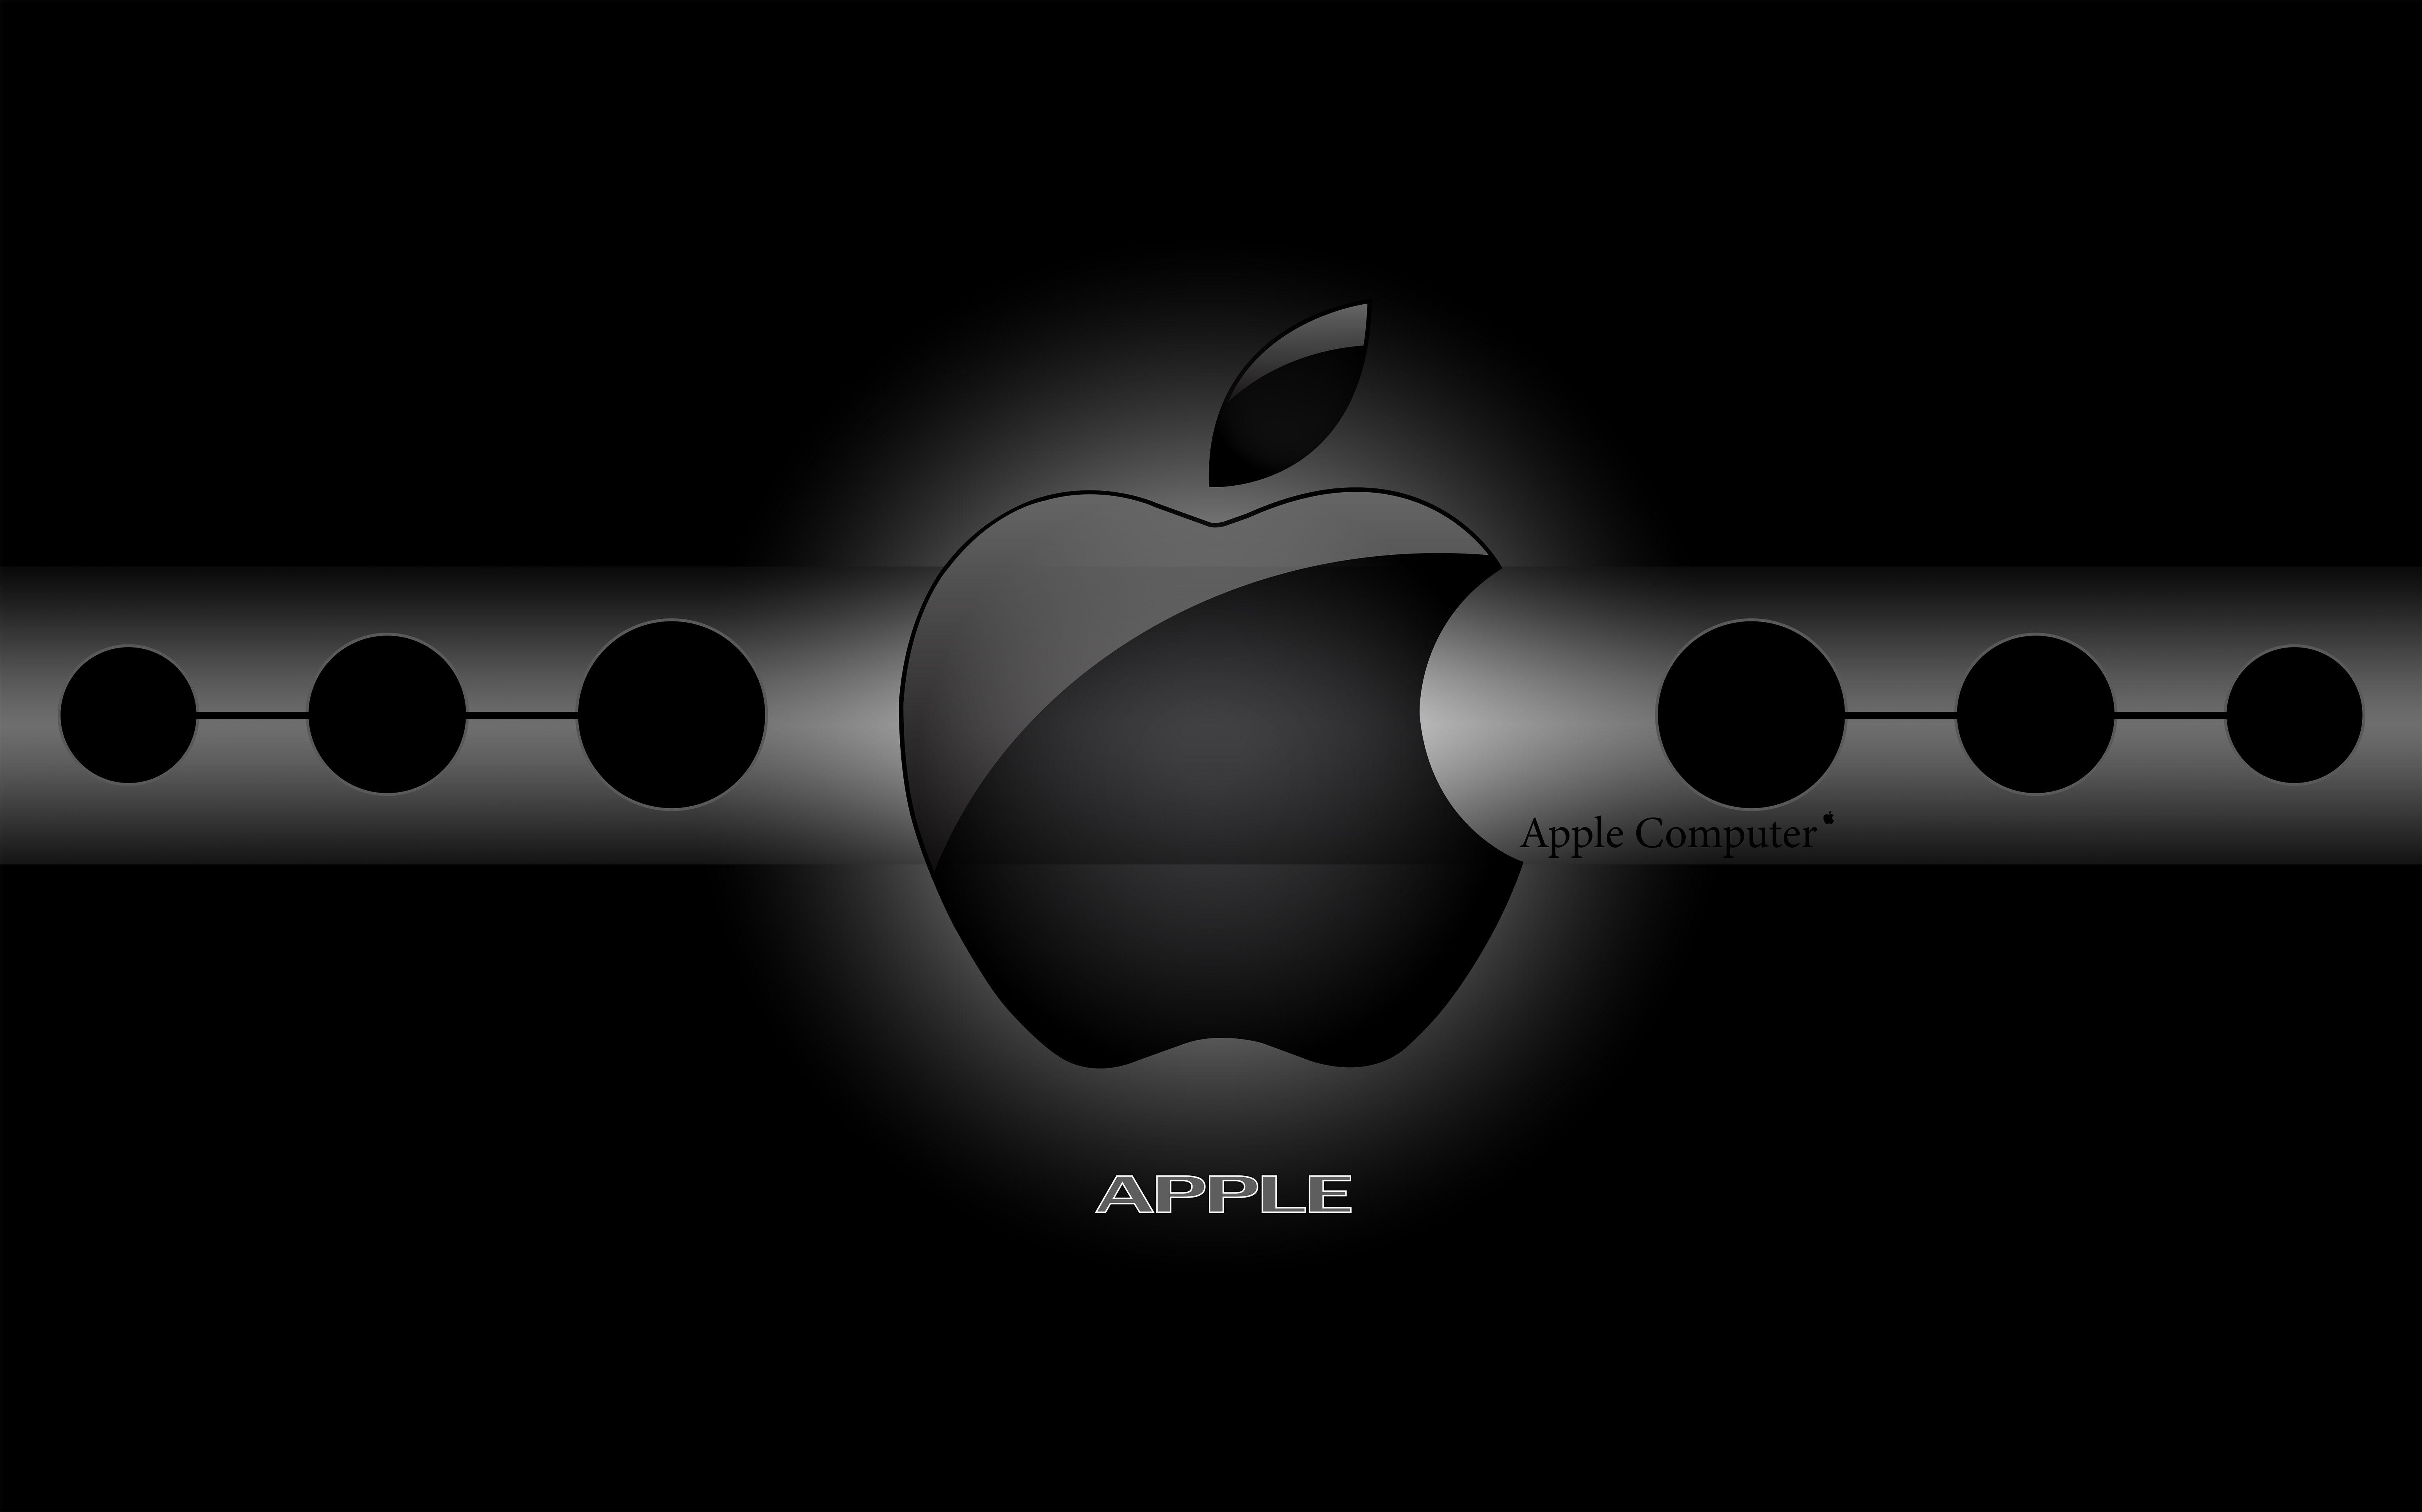 Apple 4K Ultra HD Wallpapers Top Free Apple 4K Ultra HD